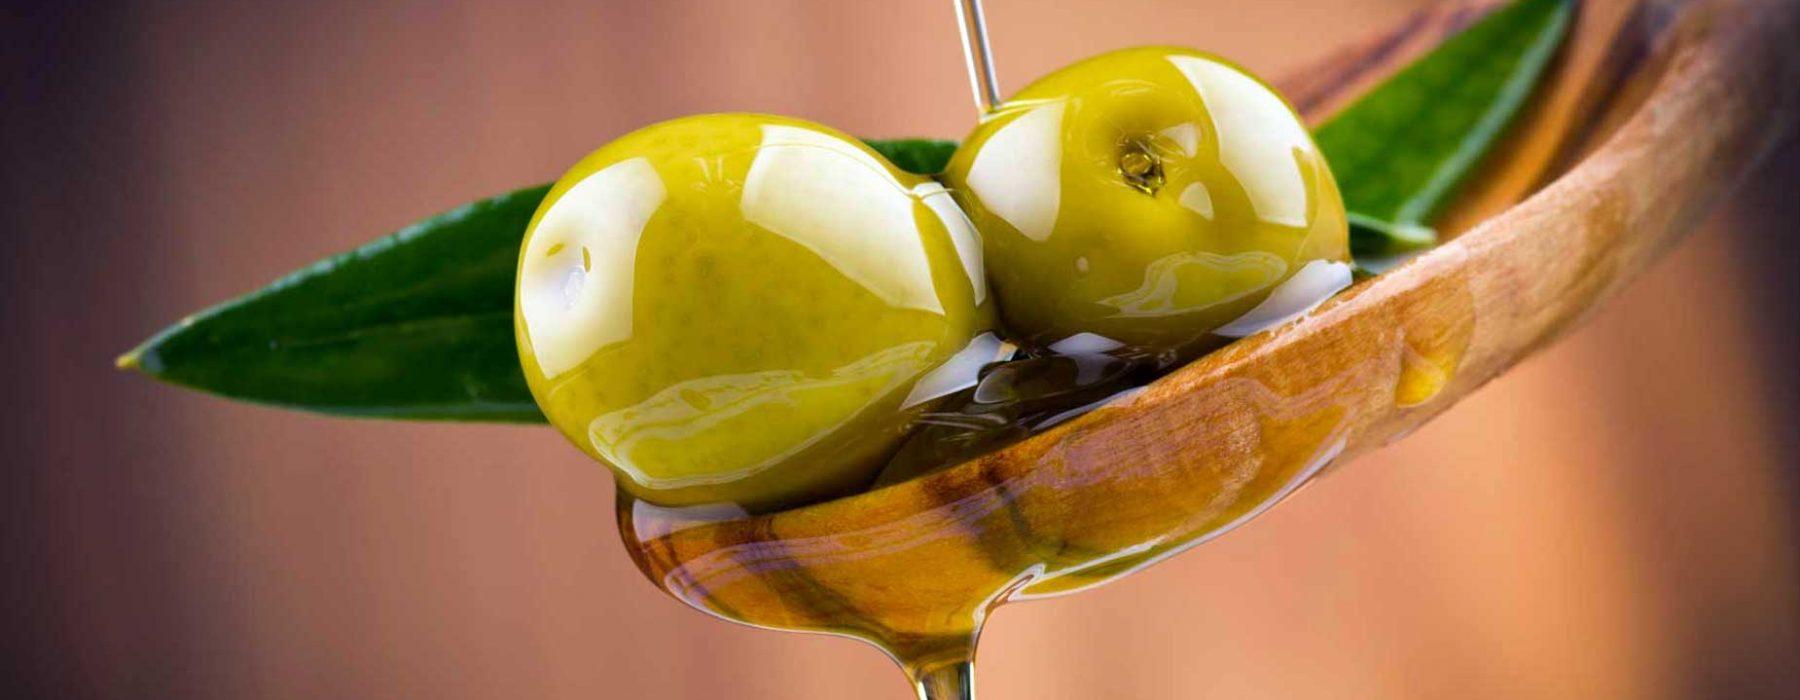 Région du Latium (Lazio). Période de concassage, olive et huile véritable